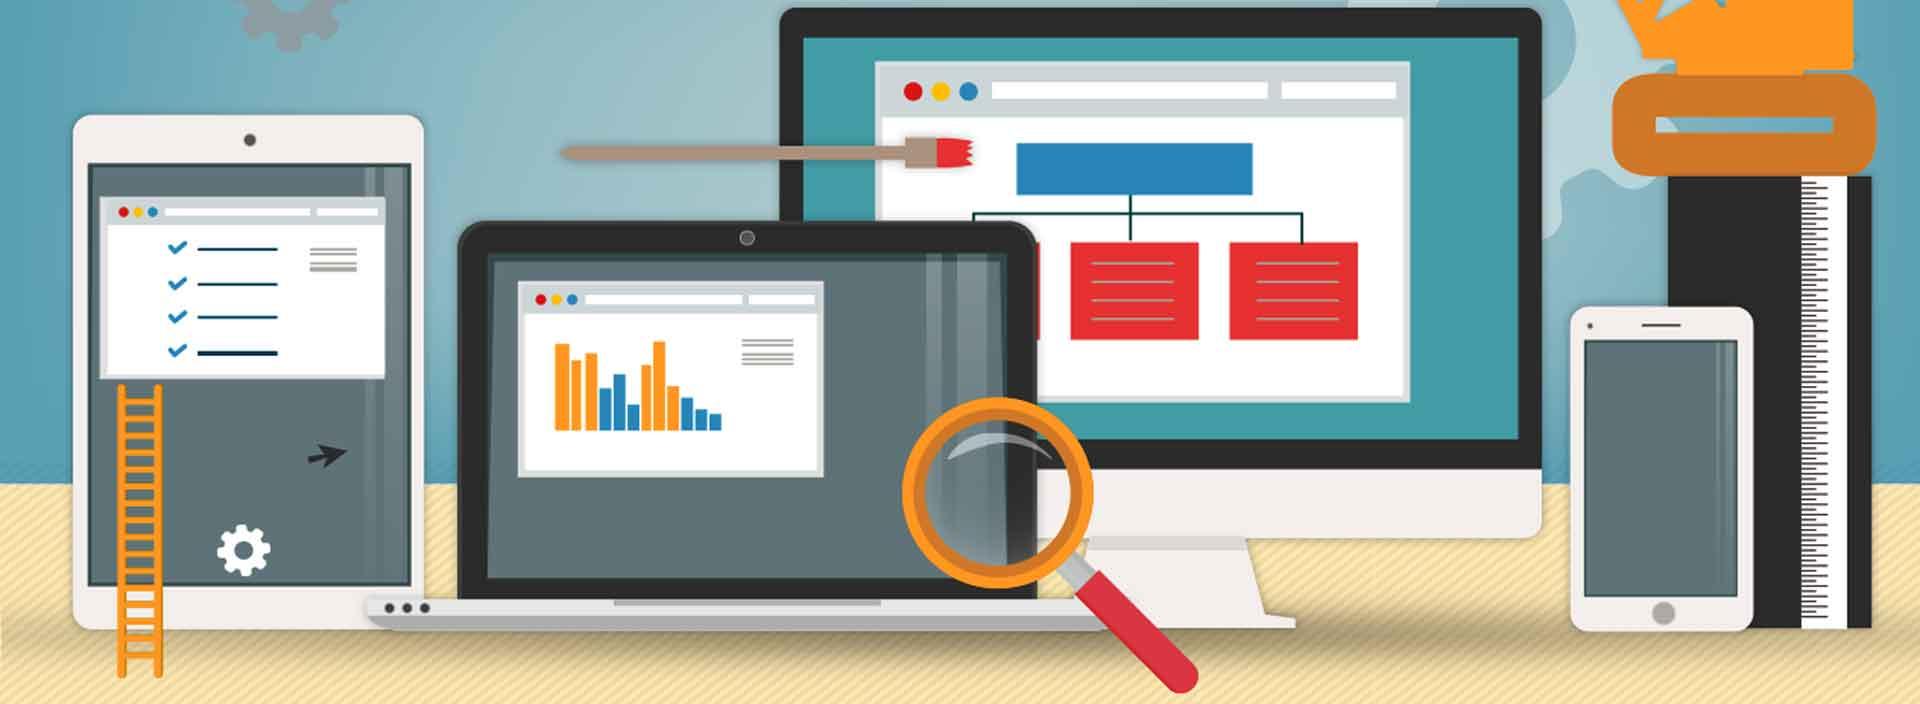 Web Sitesi Tasarımı Teklifi